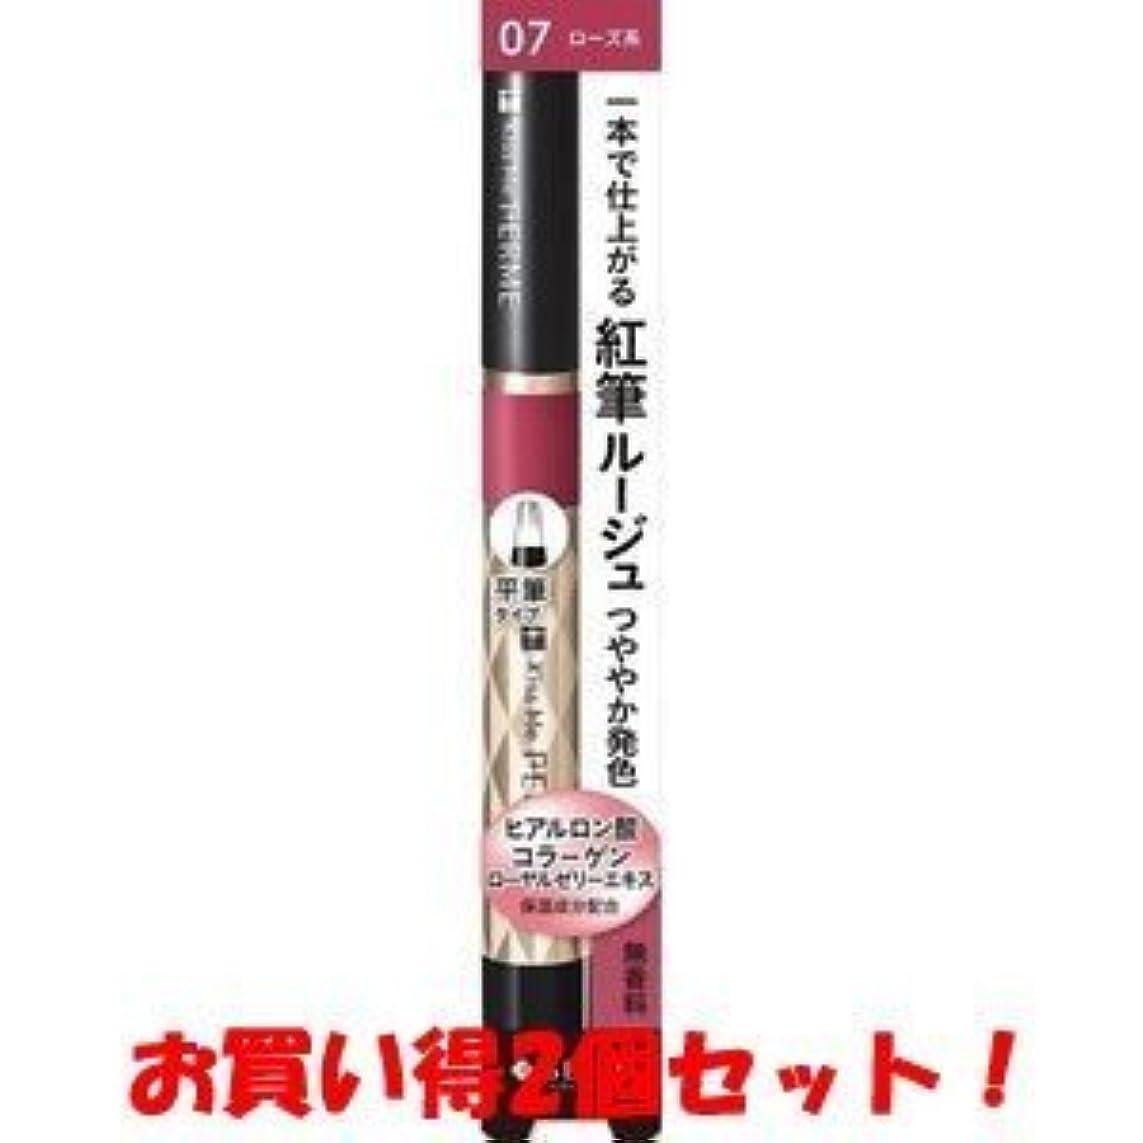 混乱させるイーウェルハーネス(伊勢半)キスミー フェルム 紅筆リキッドルージュ 07 華やかなローズ 1.9g(お買い得2個セット)